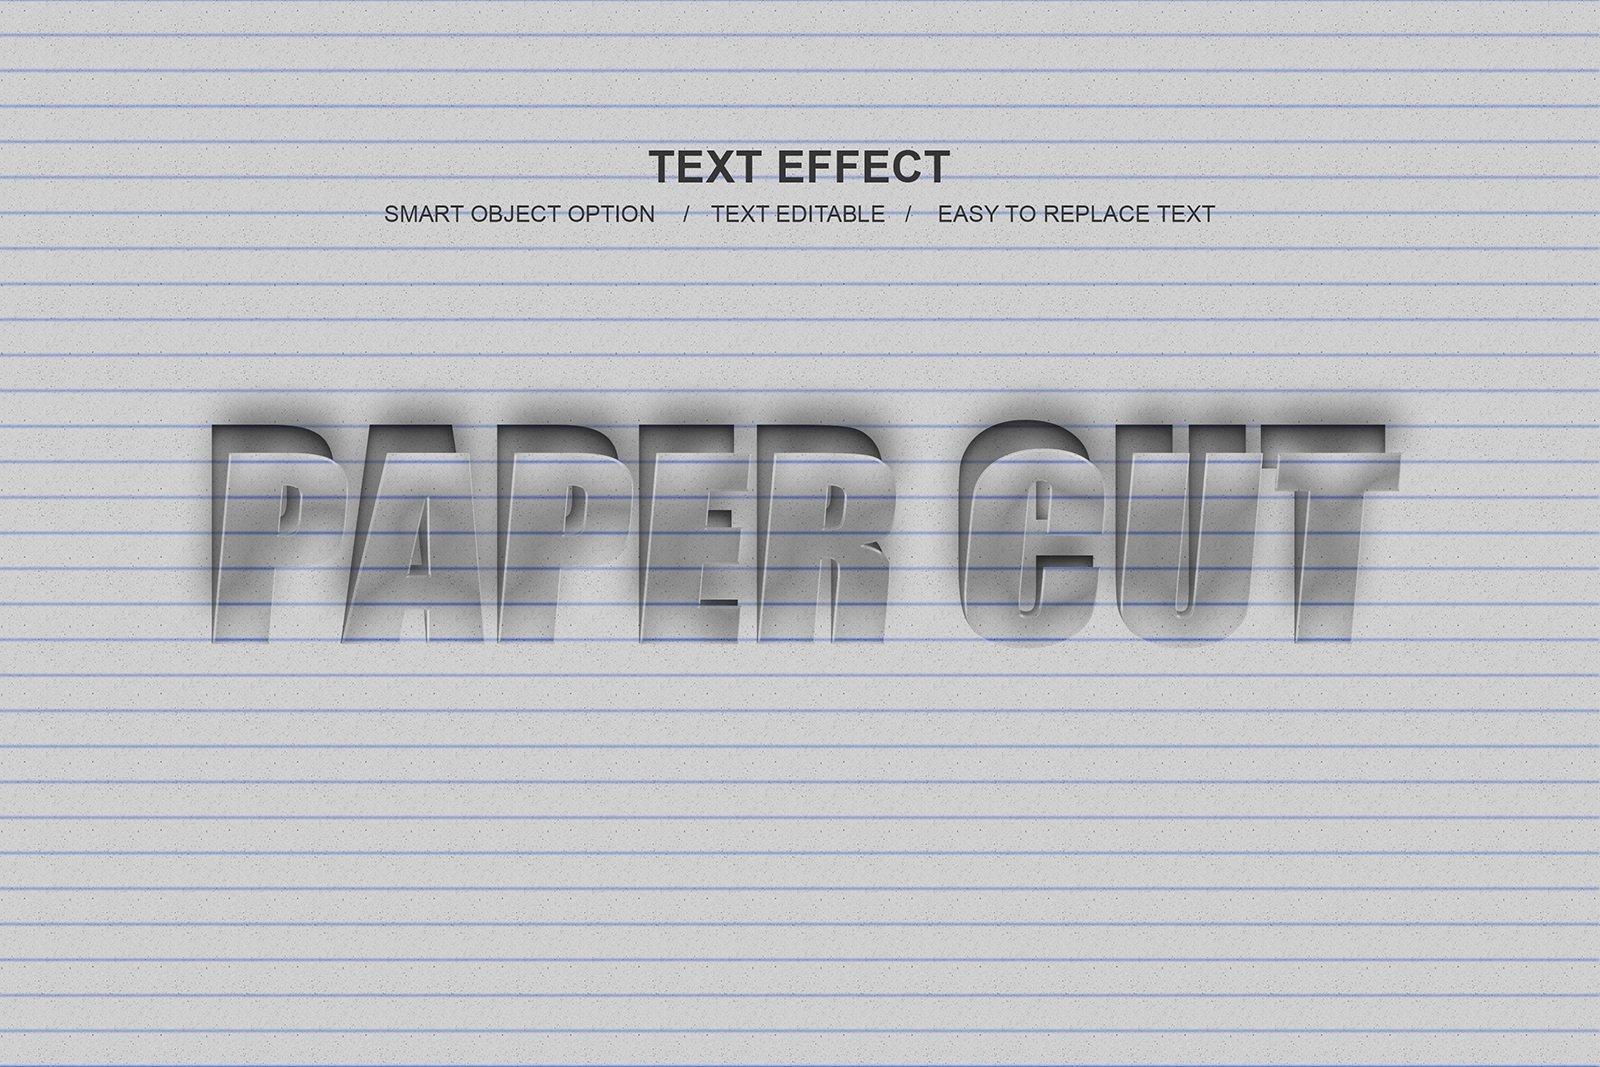 30款故障金属3D立体标题字体设计PS样式模板素材 Photoshop Layer Style Bundle插图(7)